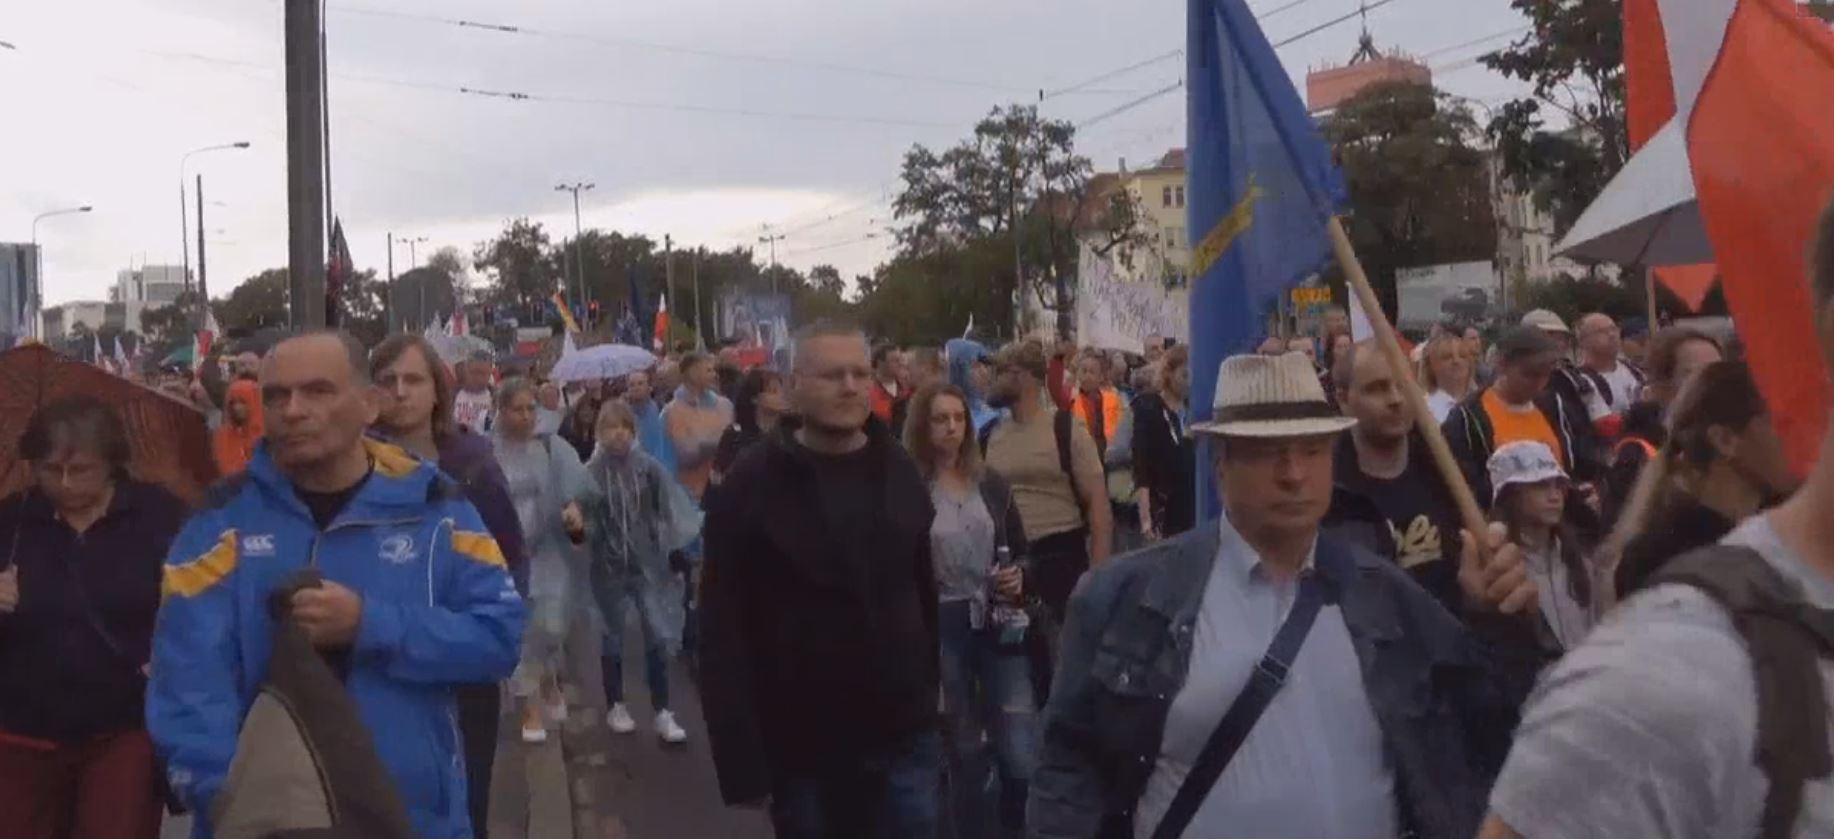 114. Posen/Polen – September 2021